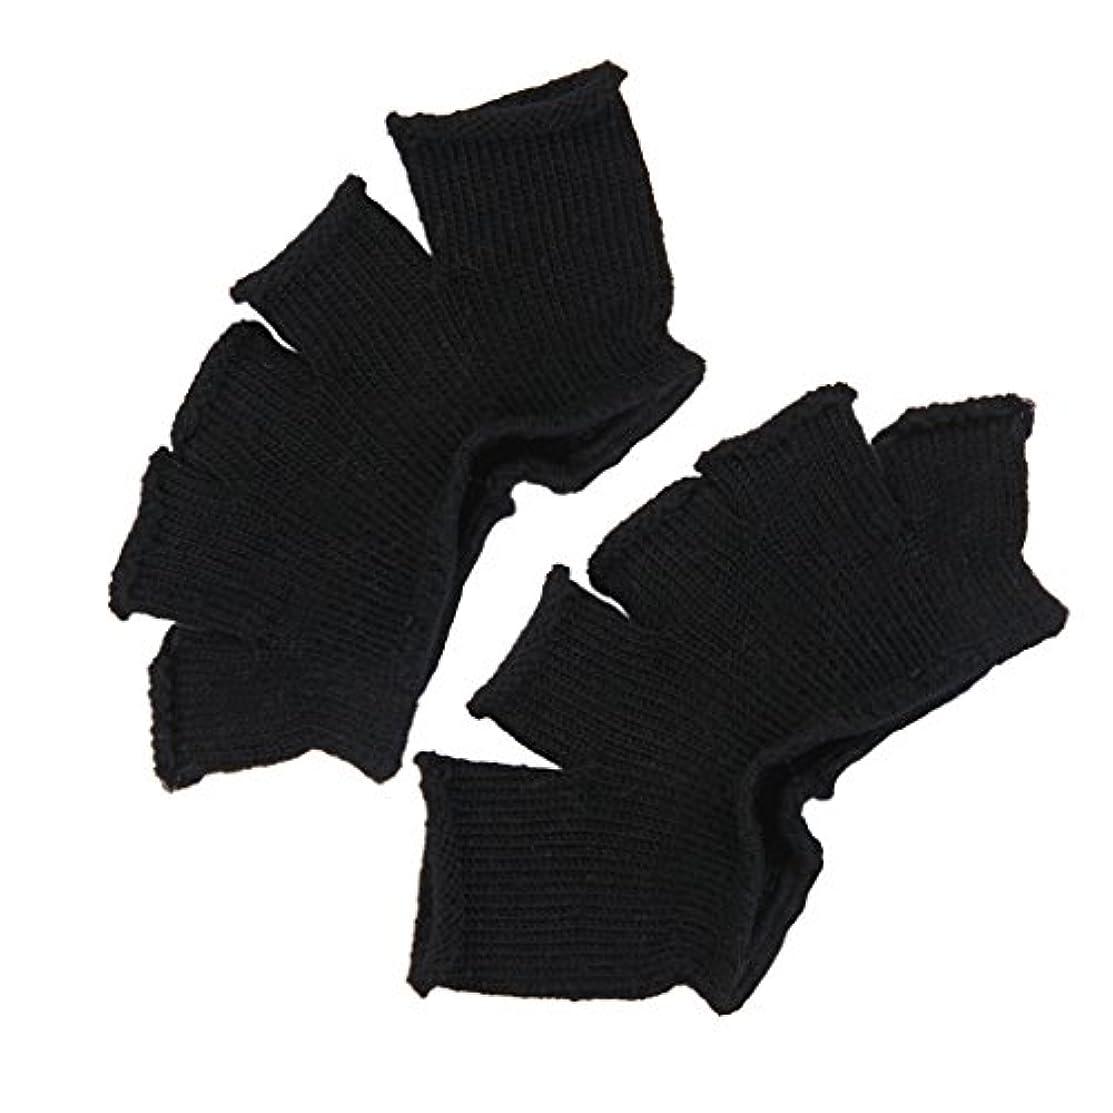 声を出して事実トーストFootful 5本指カバー 爽快指の間カバー 2枚組 男女兼用 足の臭い対策 抗菌 防臭 フットカバー (ブラック)